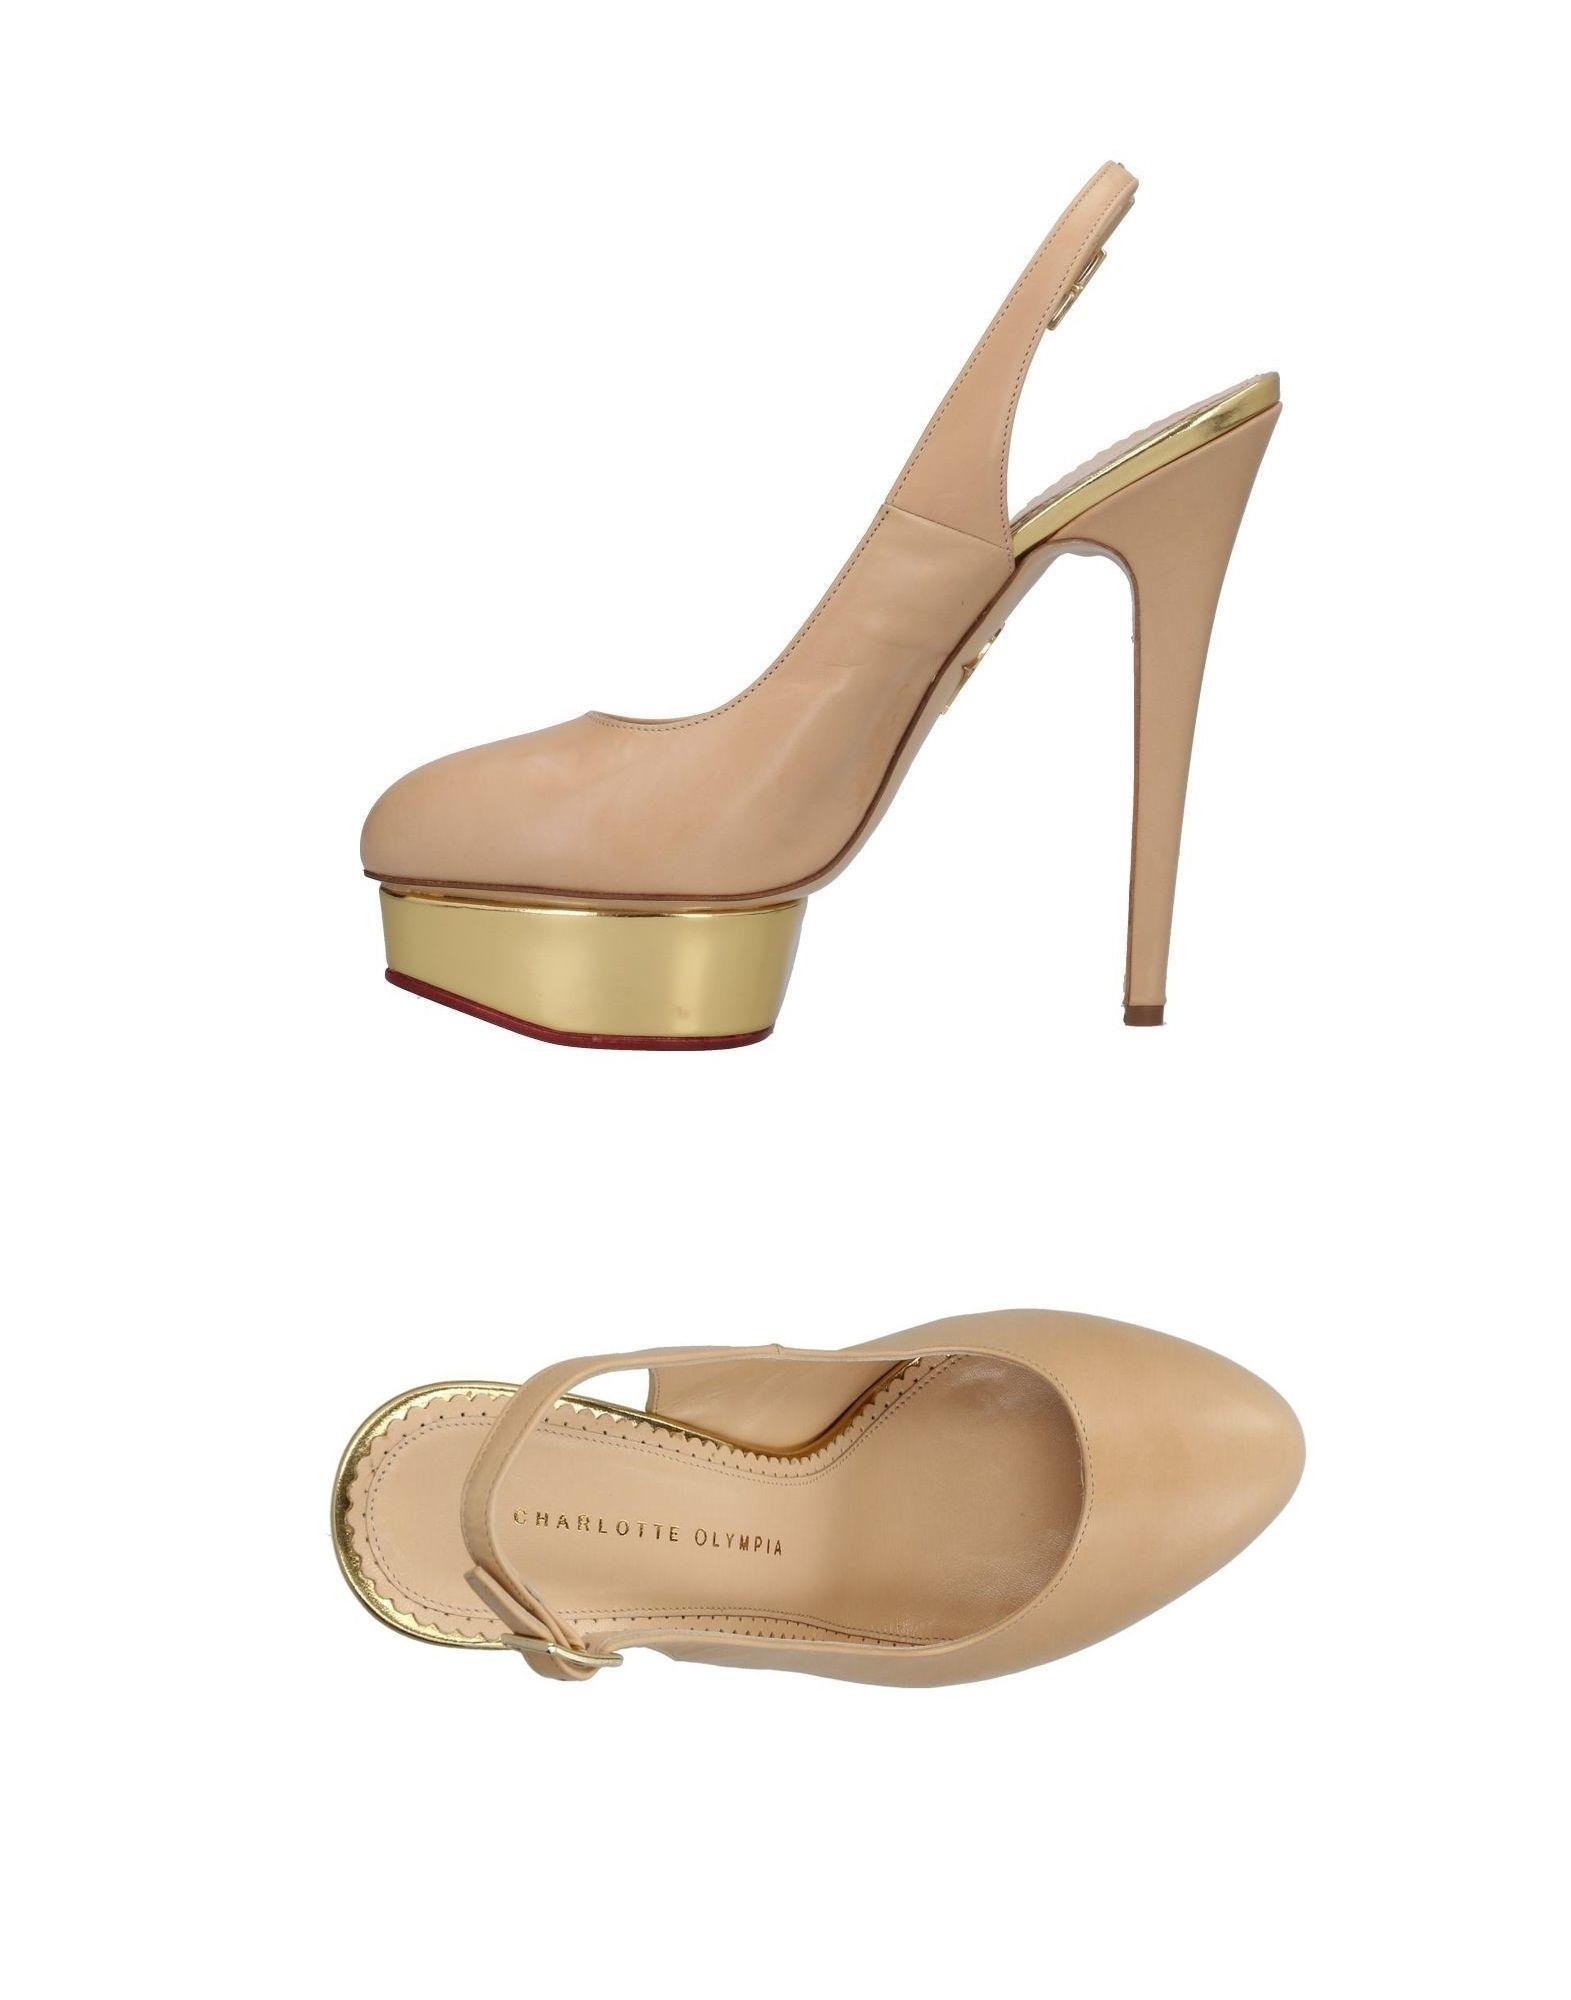 Charlotte Olympia Pumps Damen  11493584UMGut aussehende strapazierfähige Schuhe